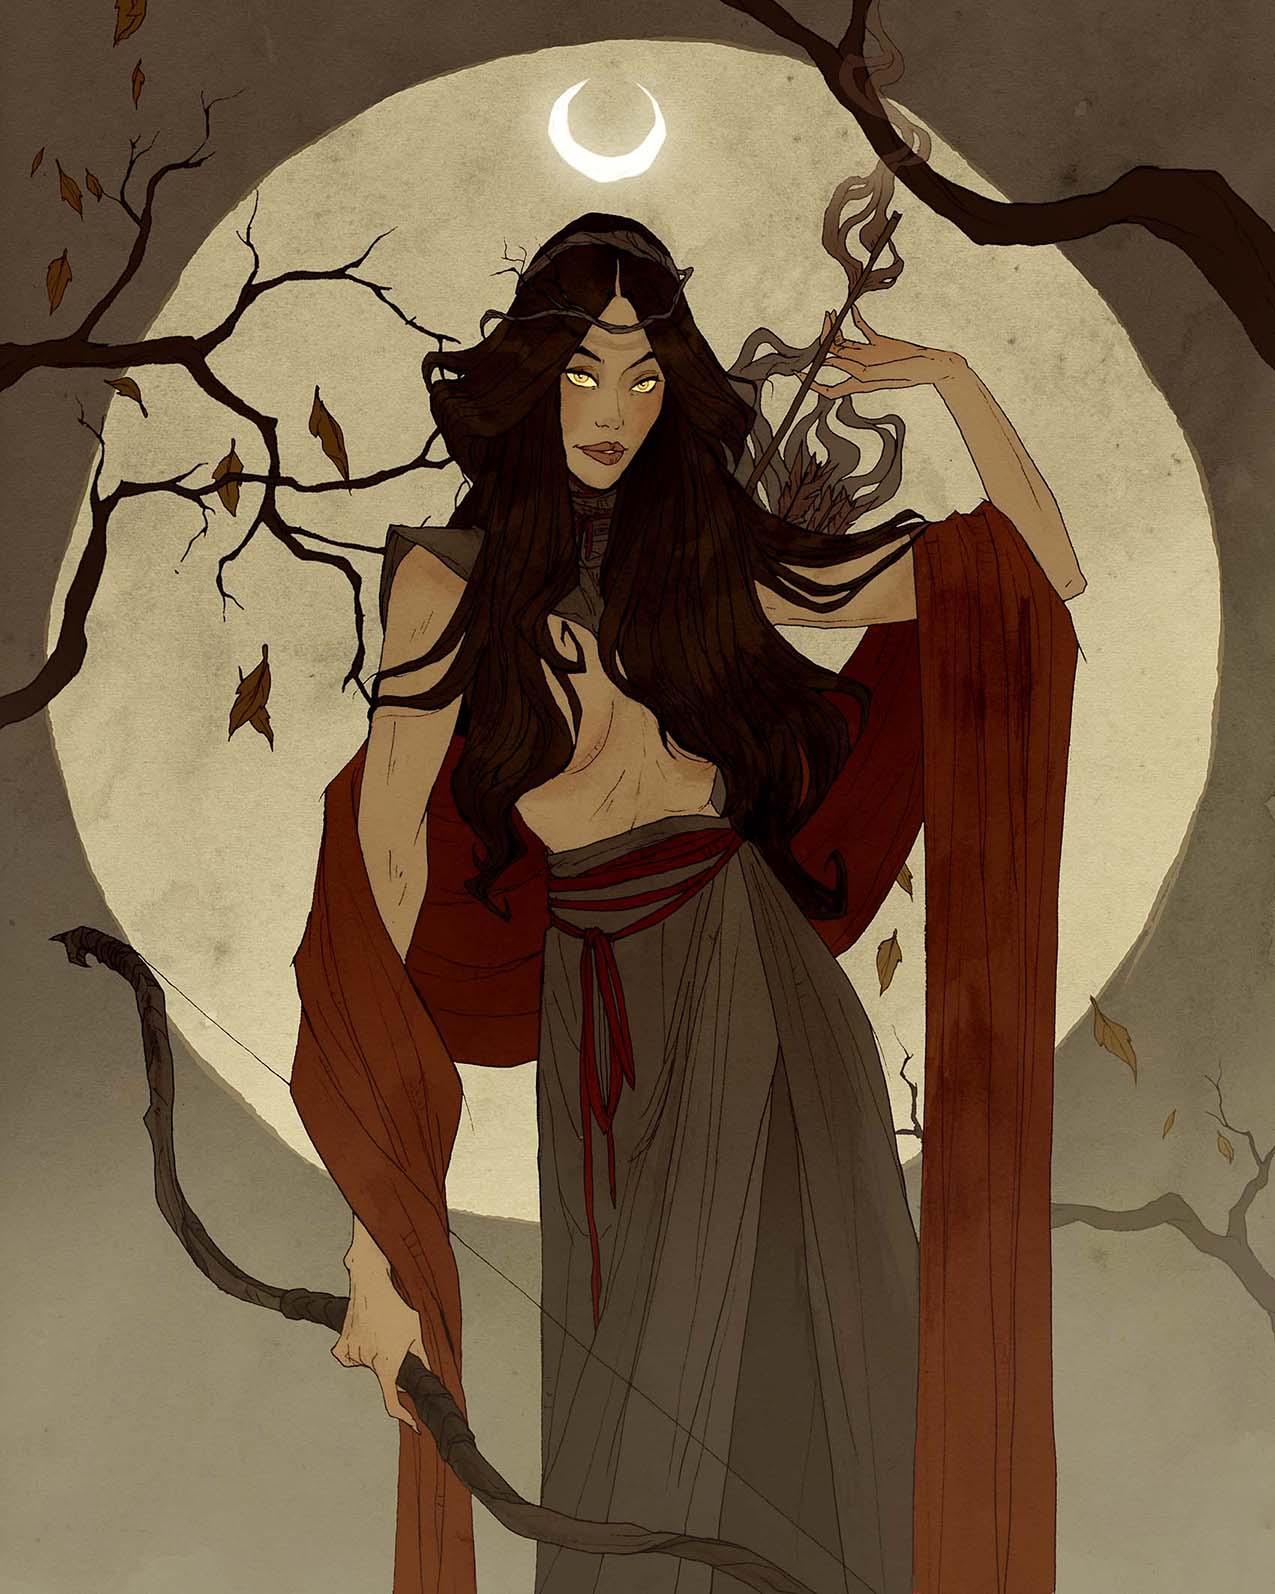 Image de l'artbook Crimson d'Abigail Larson : la lune chasseresse de Diana.